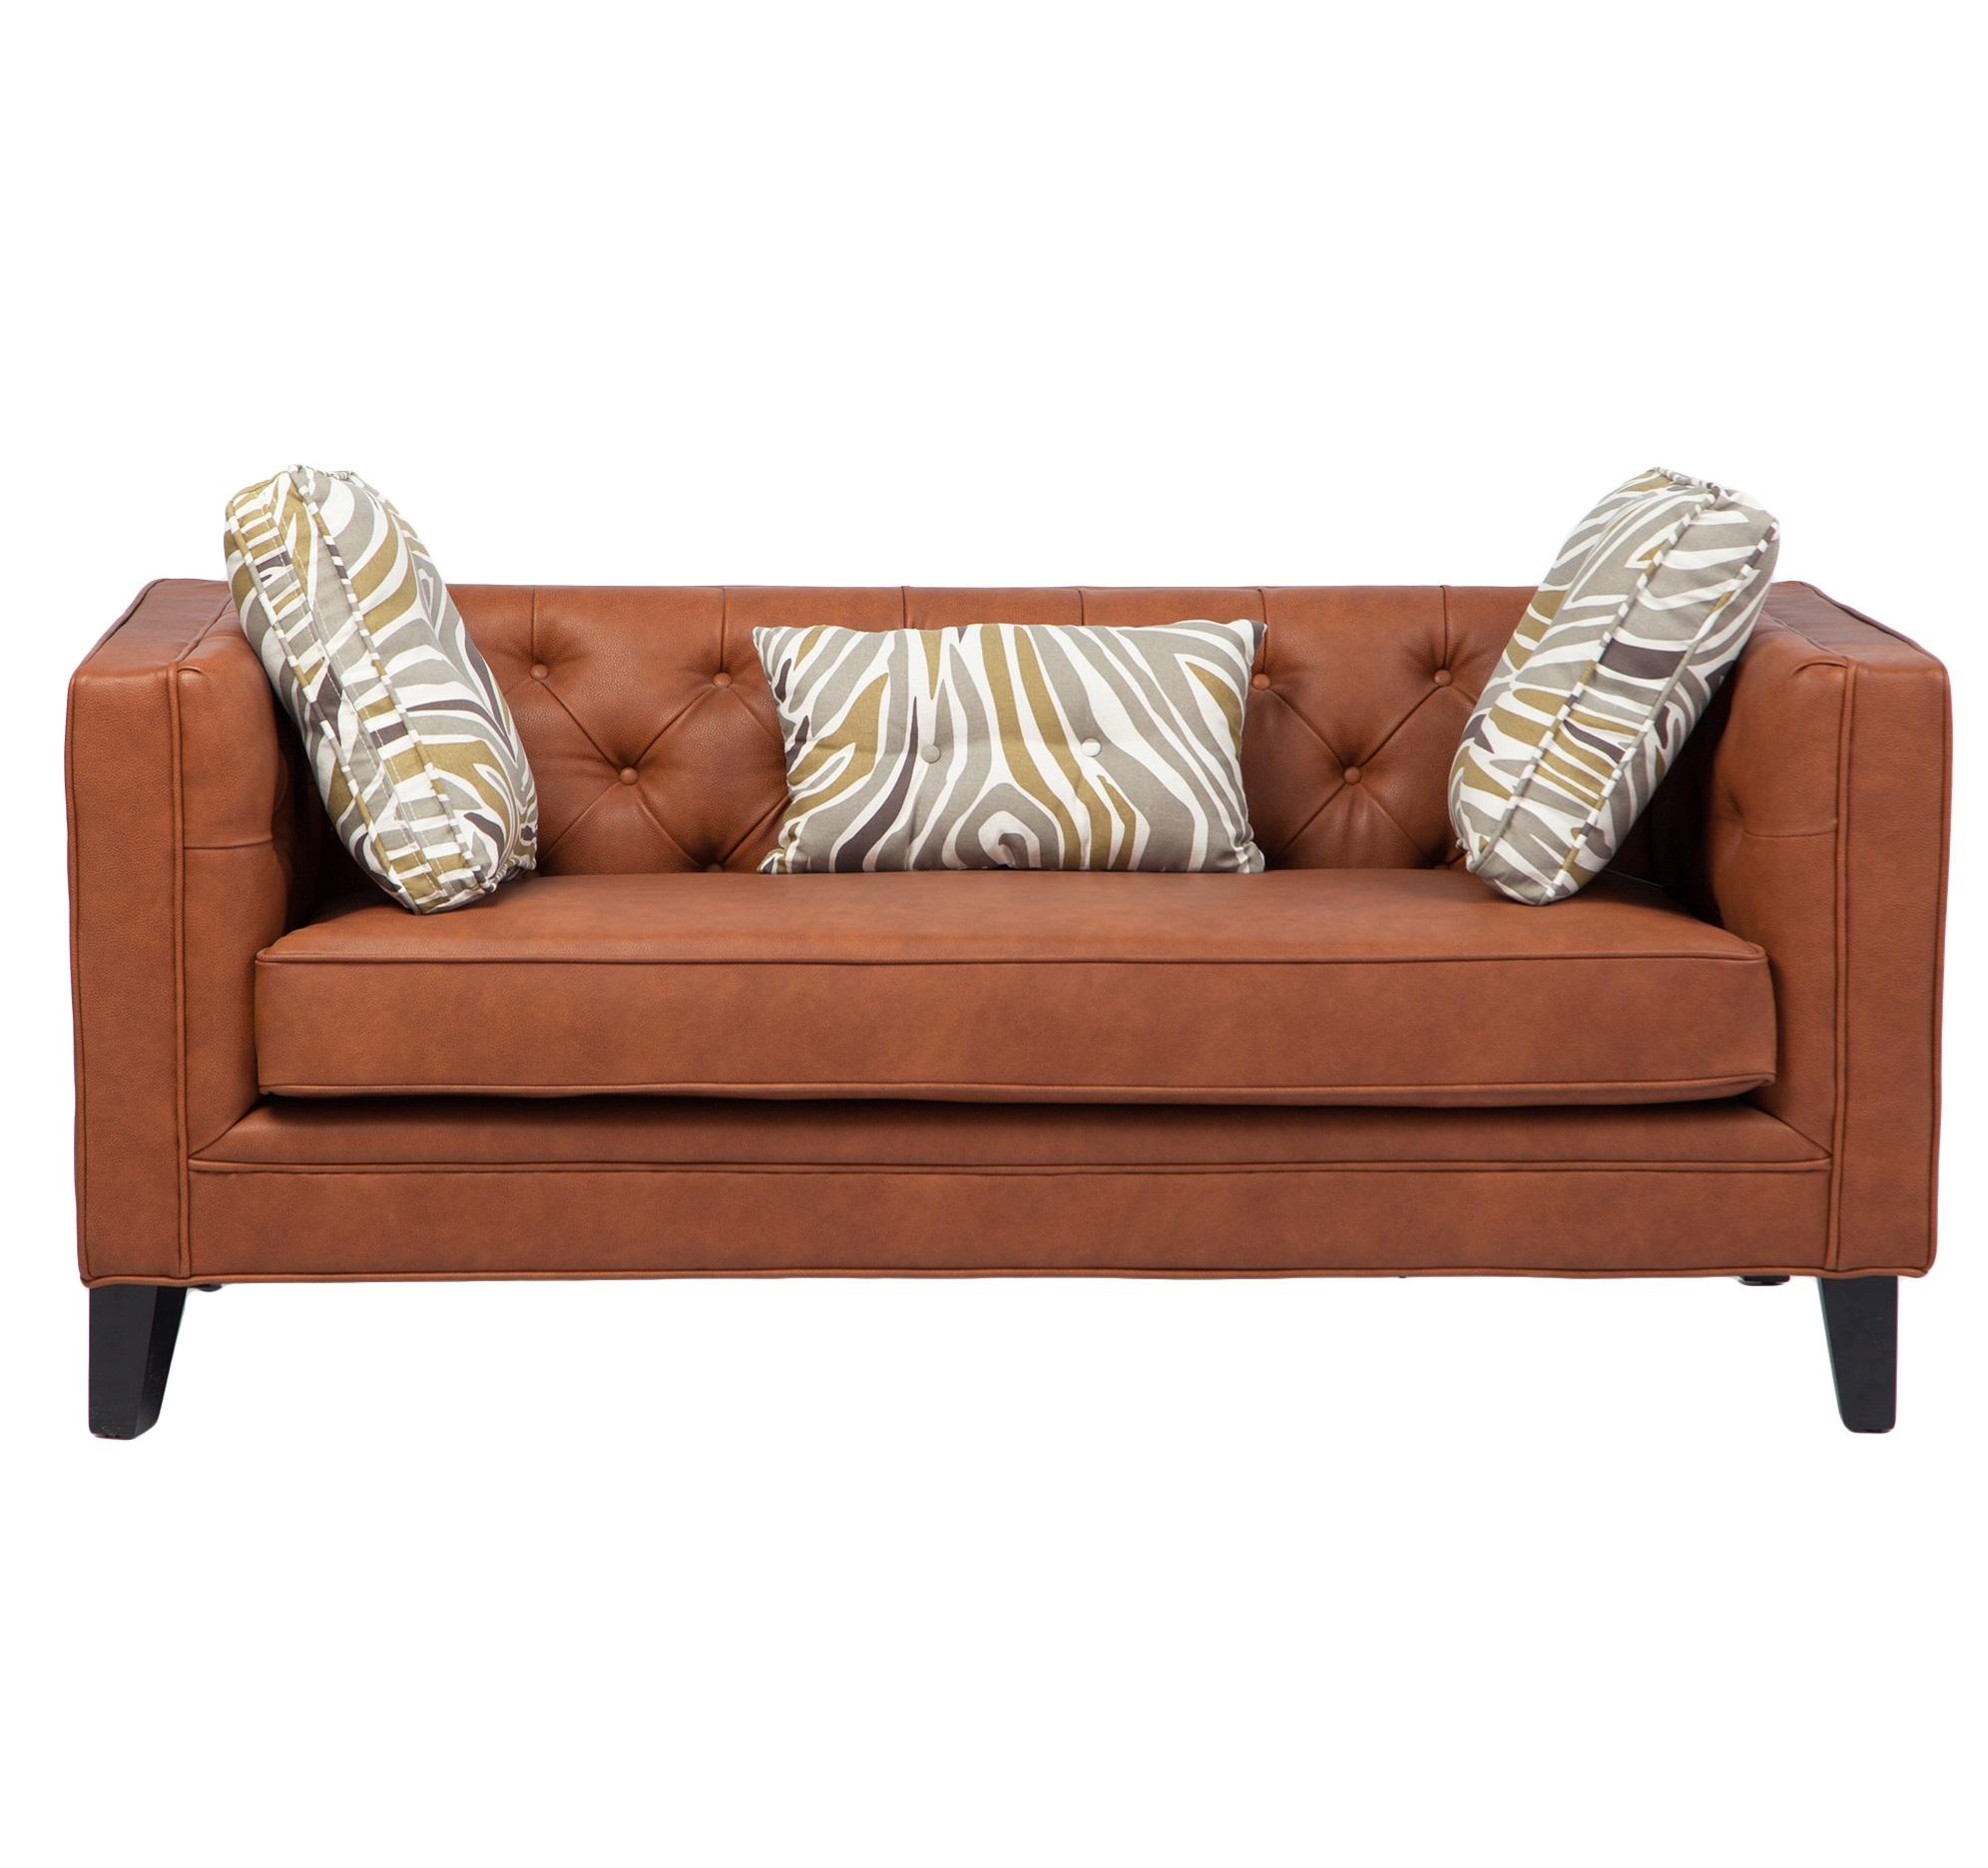 ДиванКожаные диваны<br>В комплекте 3 декоративные подушки.<br><br>Material: Кожа<br>Width см: 168<br>Depth см: 80<br>Height см: 85